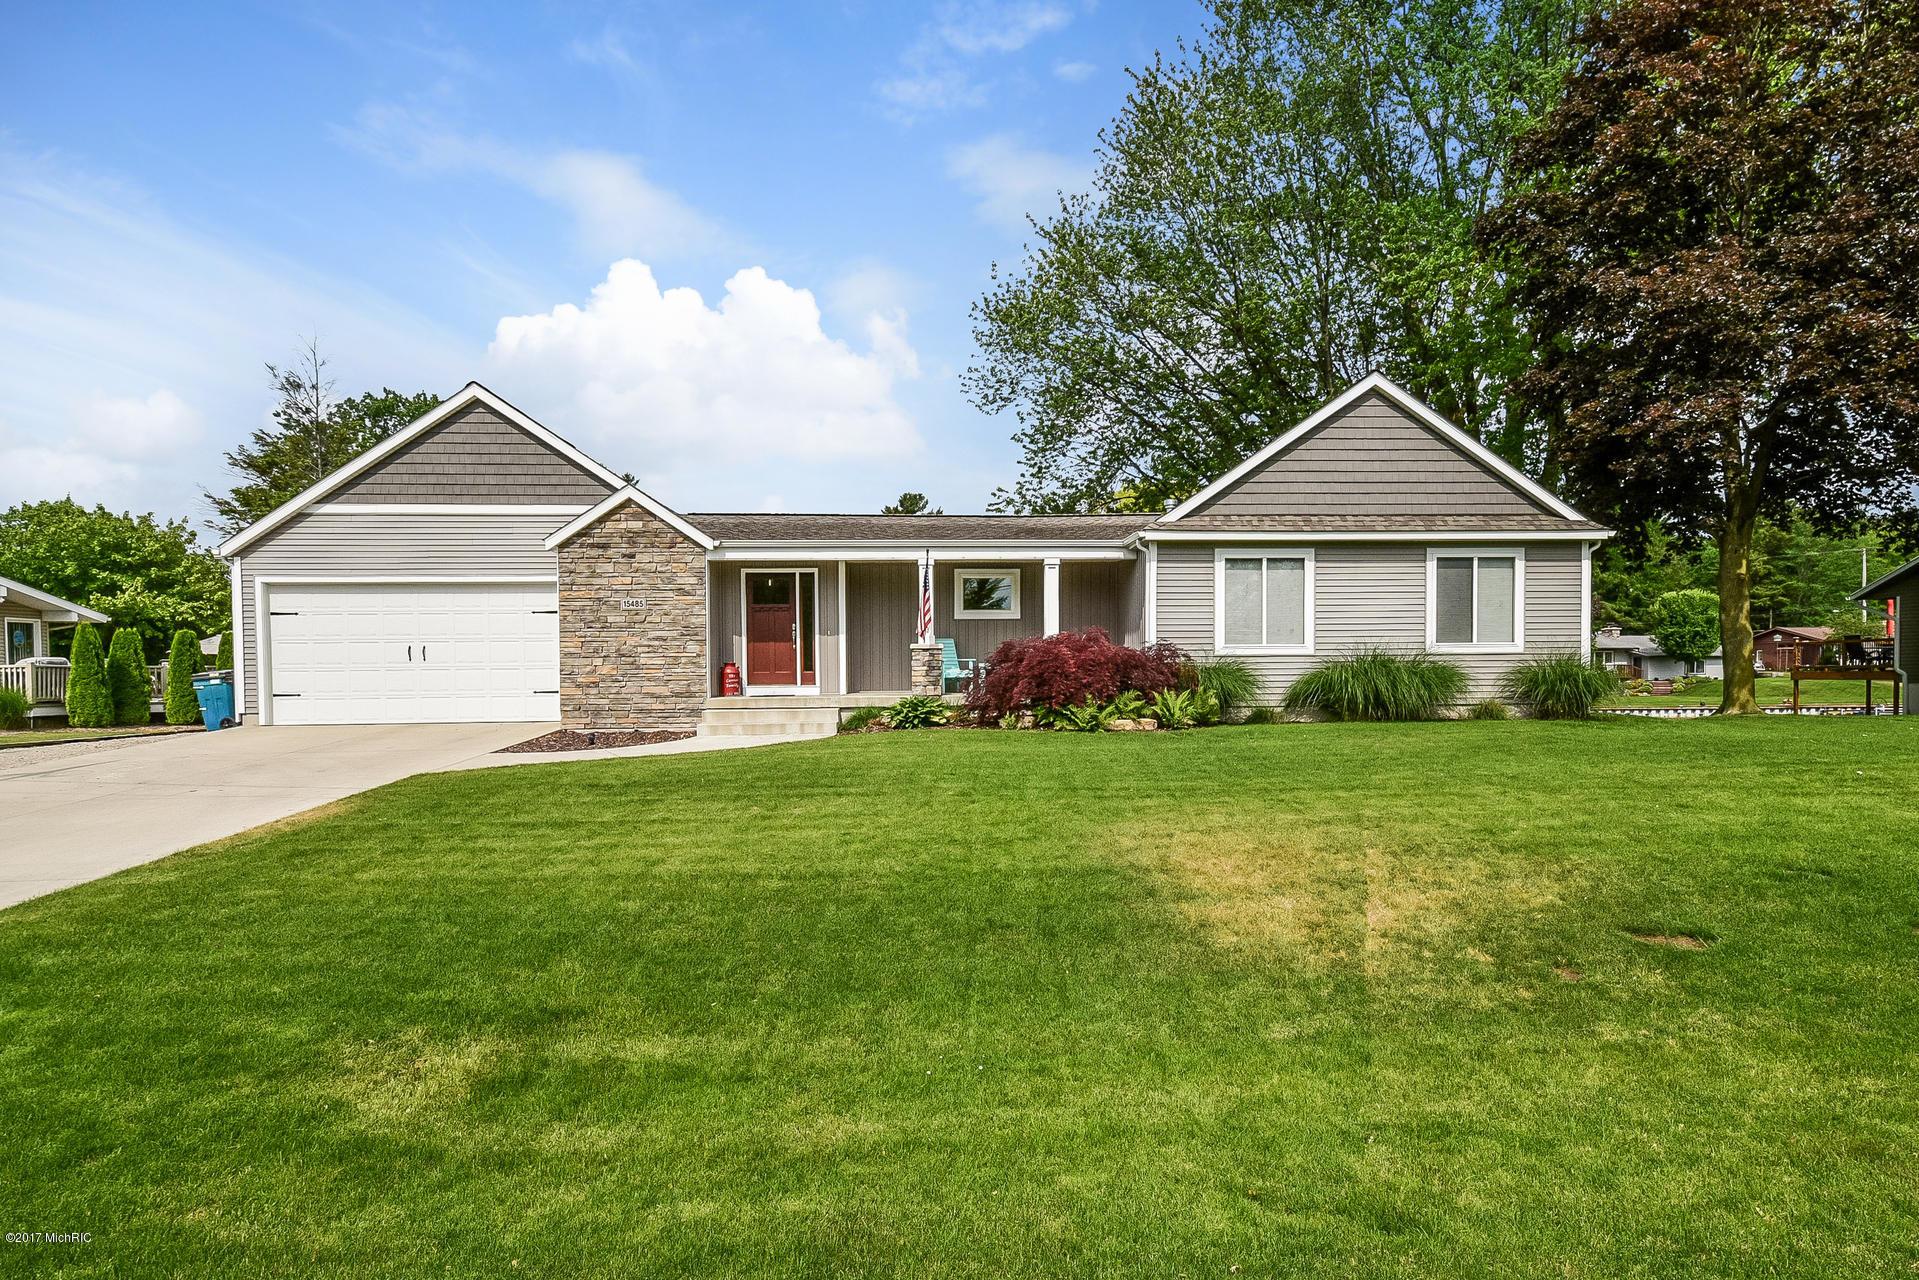 独户住宅 为 销售 在 15485 Howard 15485 Howard 斯普林莱克, 密歇根州 49456 美国